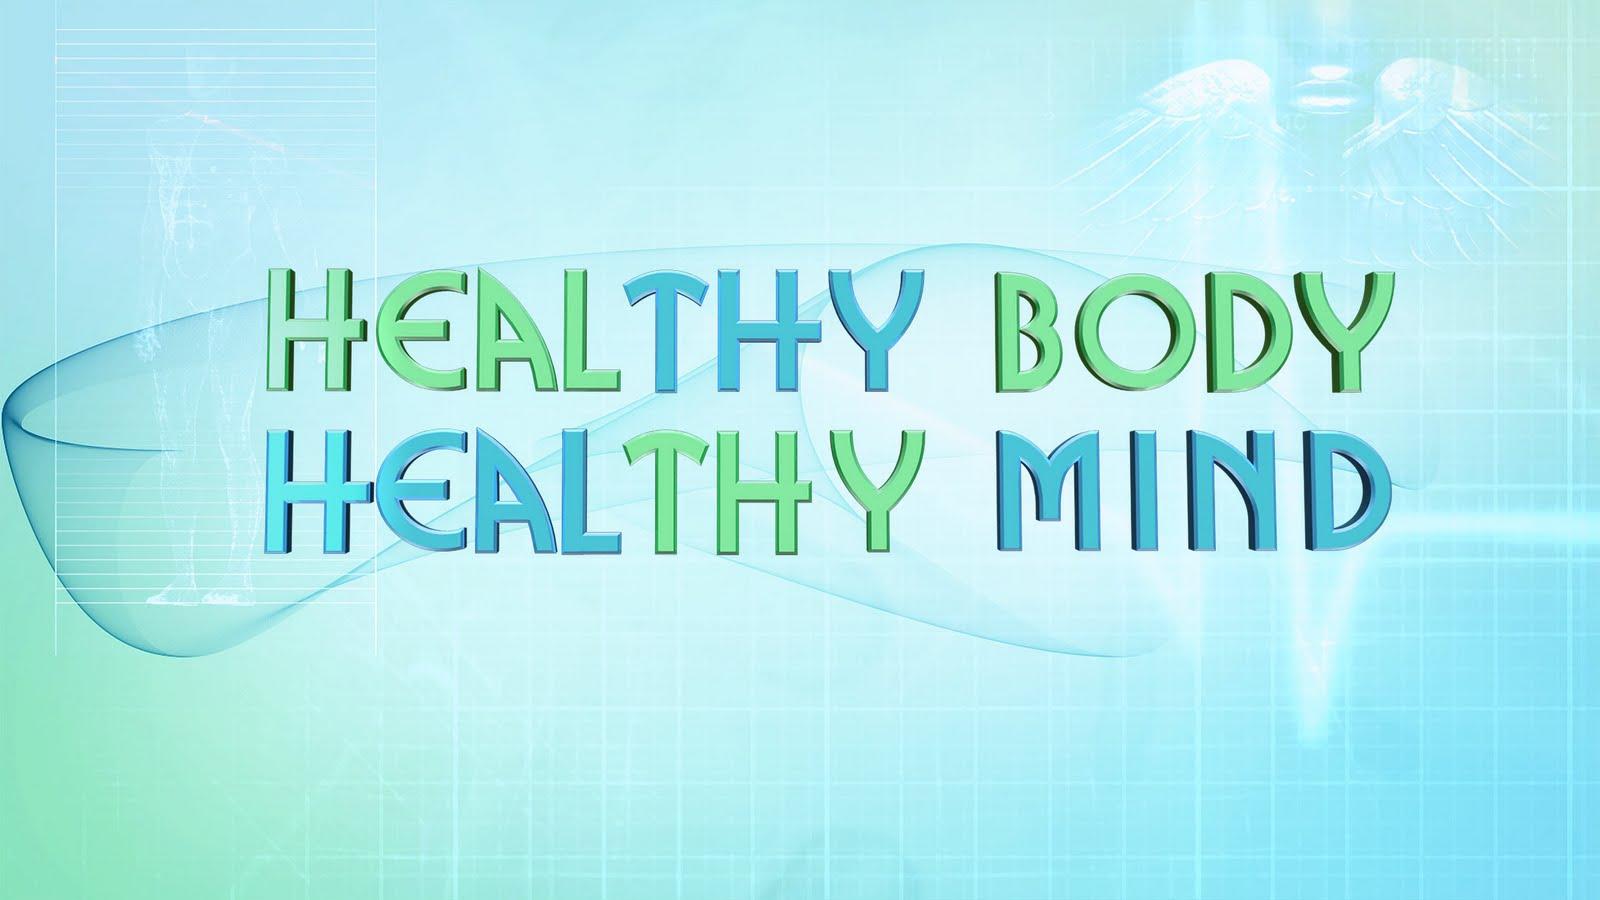 health mind healthy body